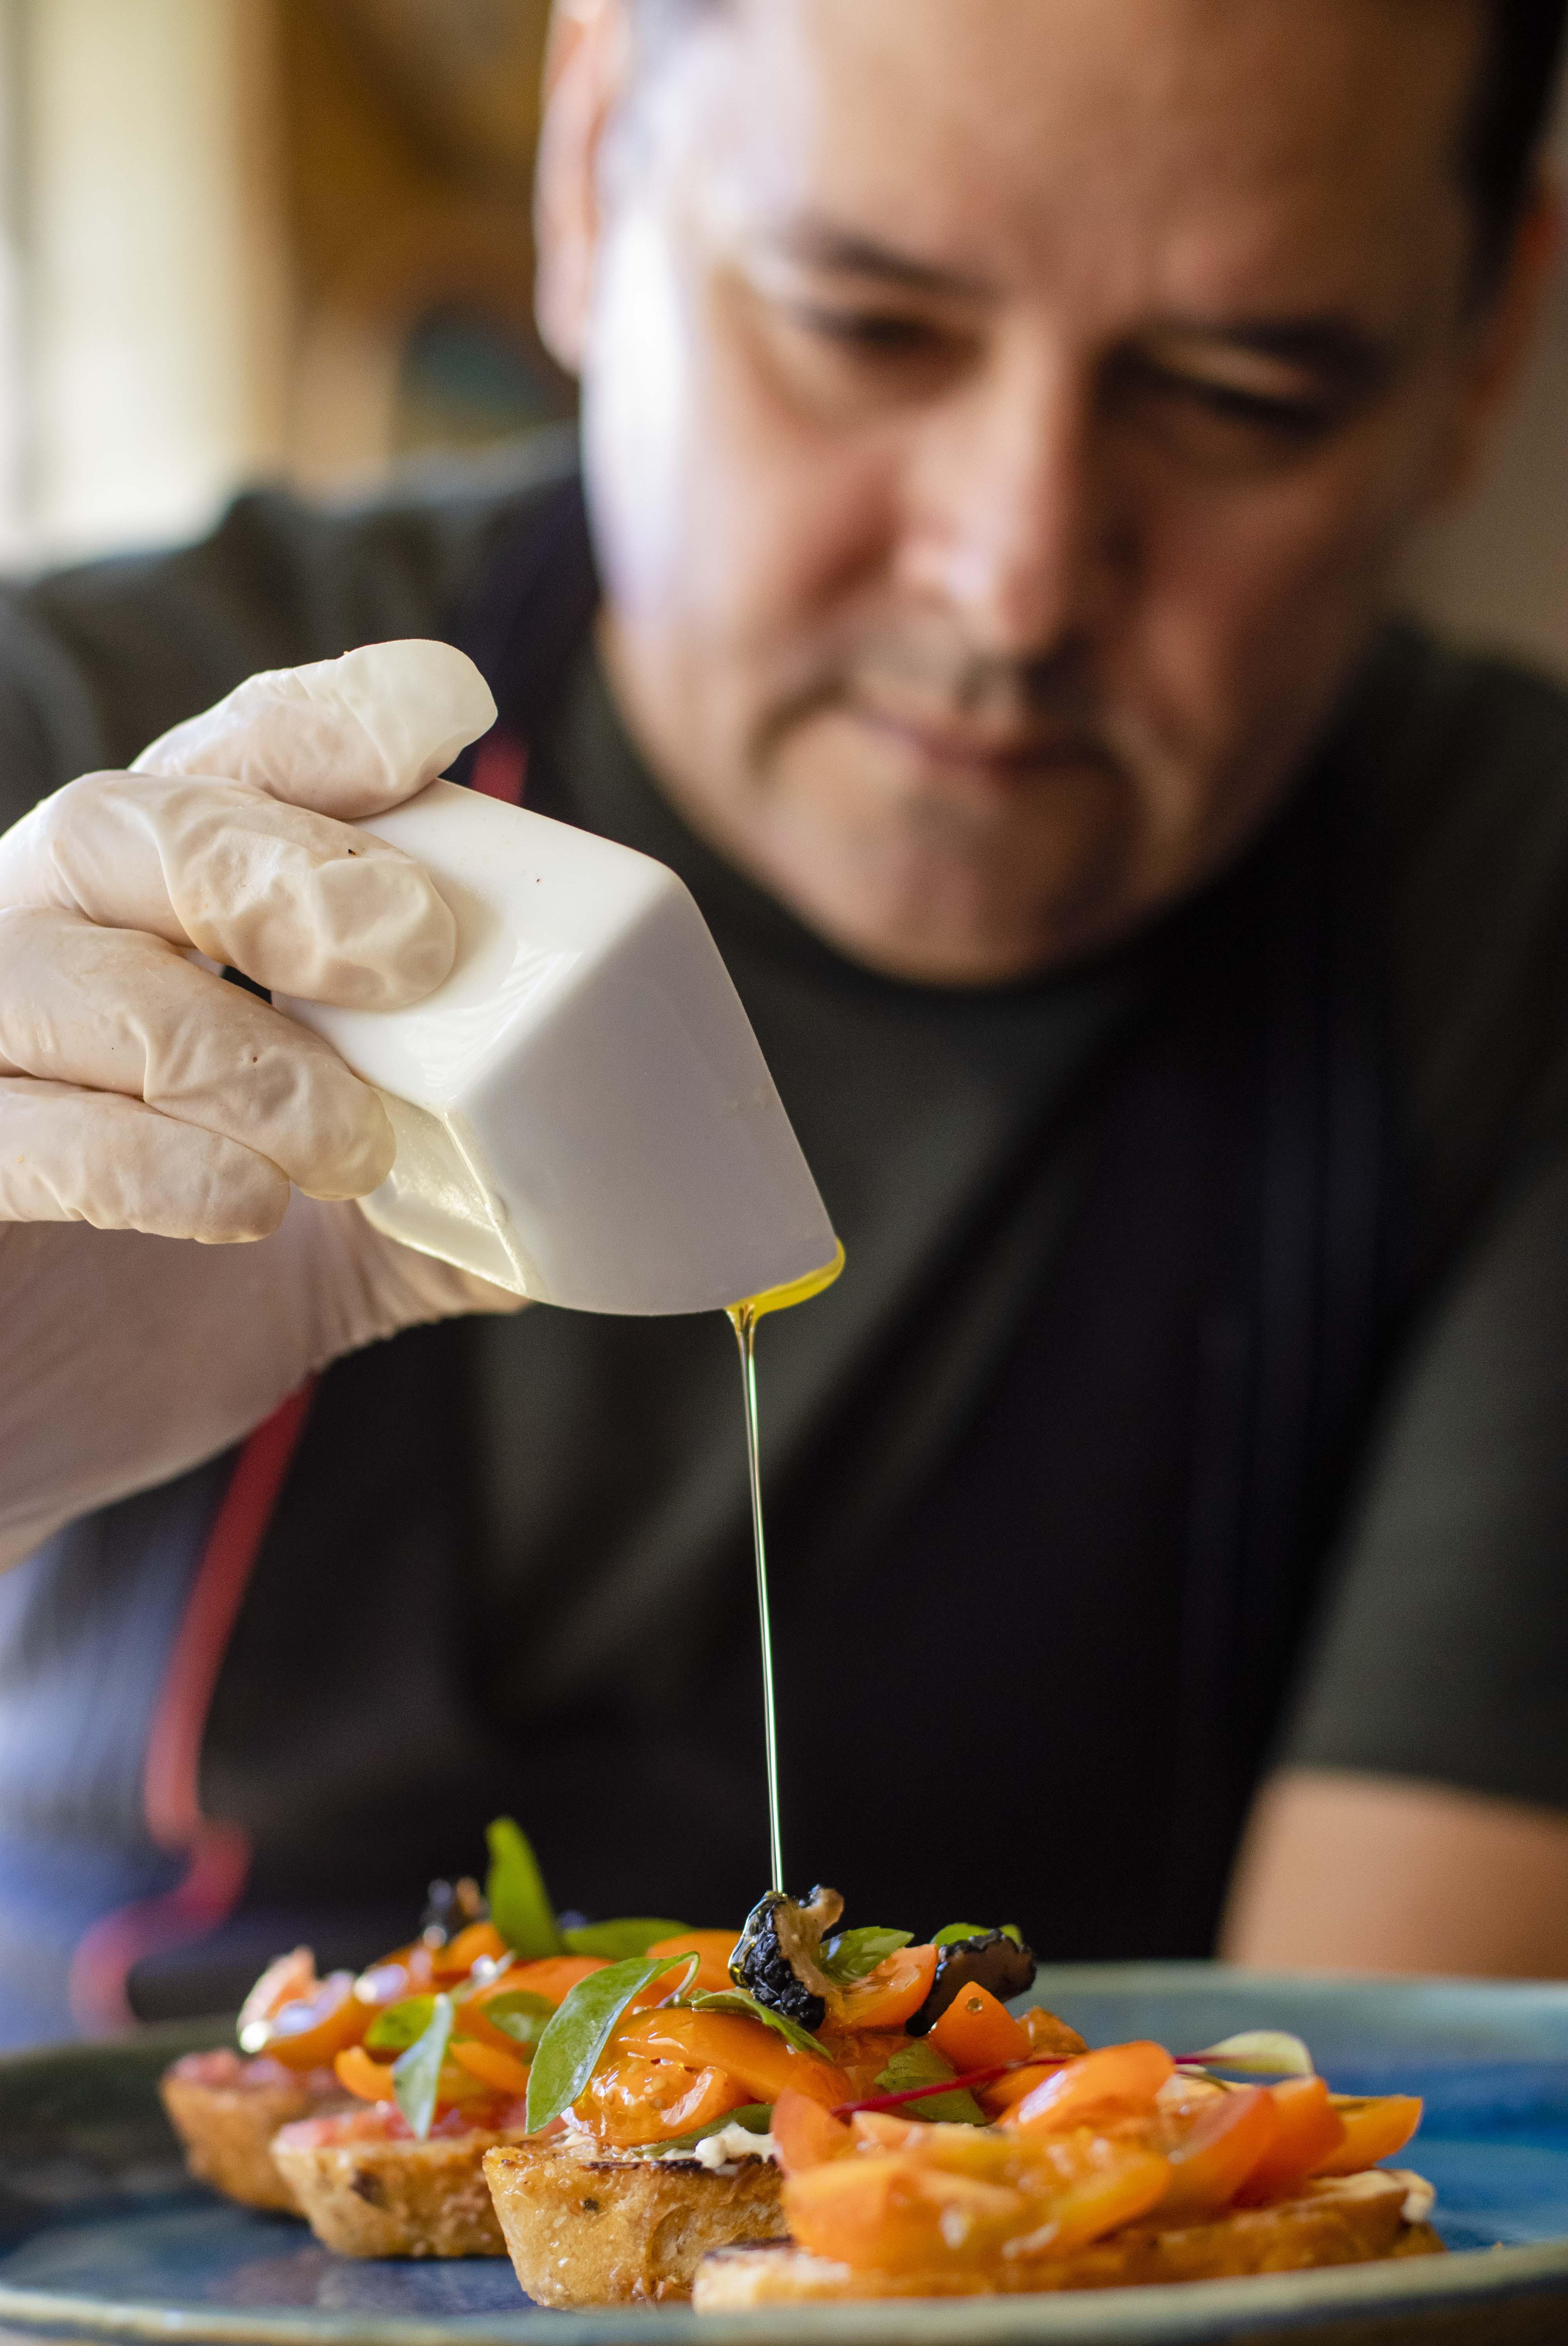 Chef Edi Costa, Chef de cozinha e professor de gastronomia, fez uma receita de bruschettas em casa, em época de covid-19. (Foto: Aurélio Alves / O Povo)